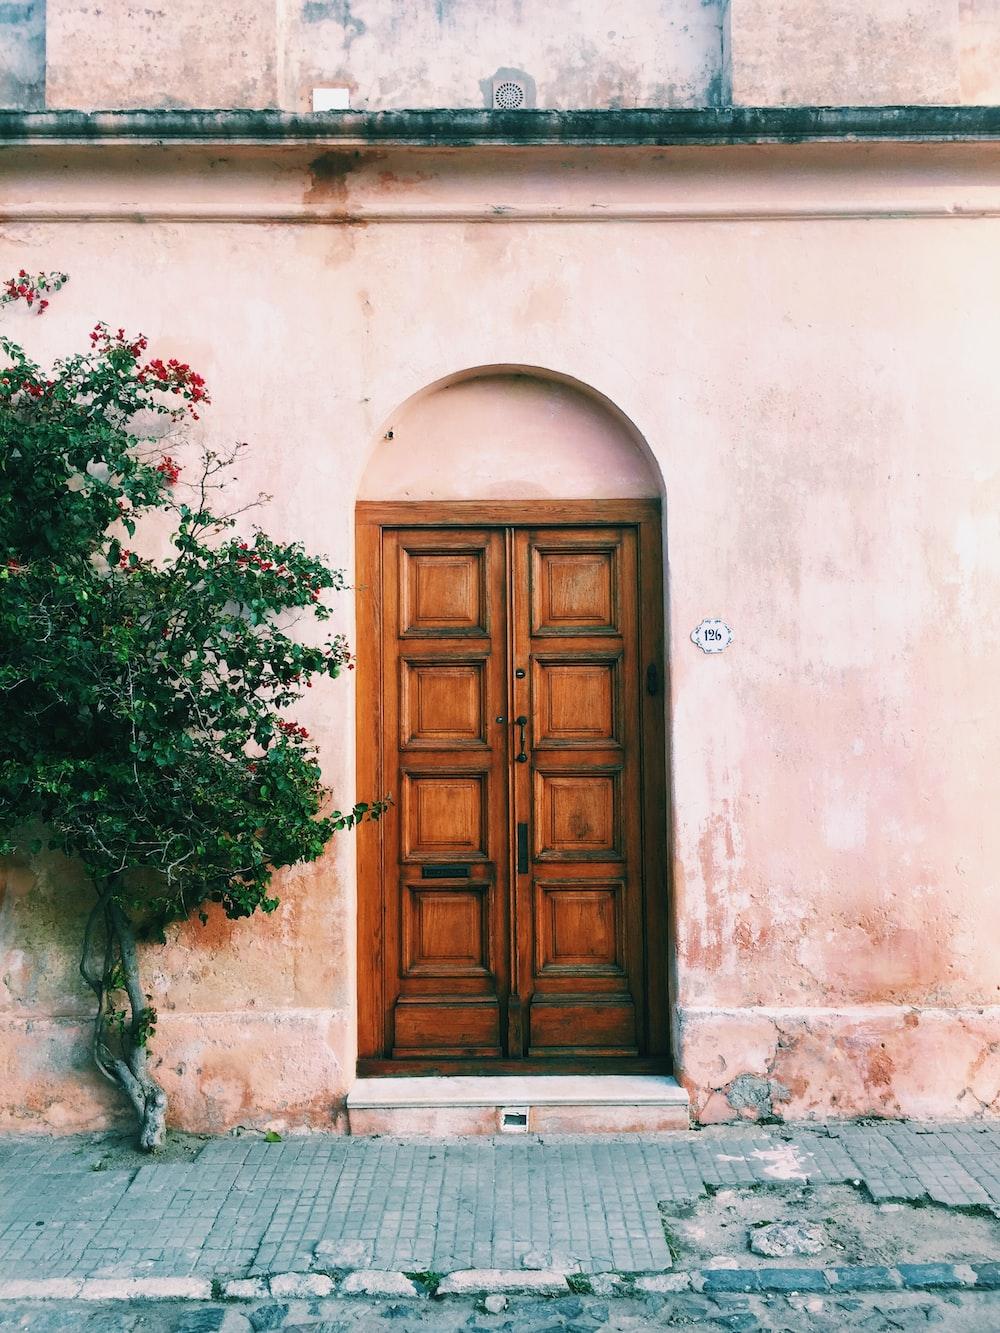 green plants beside brown wooden door